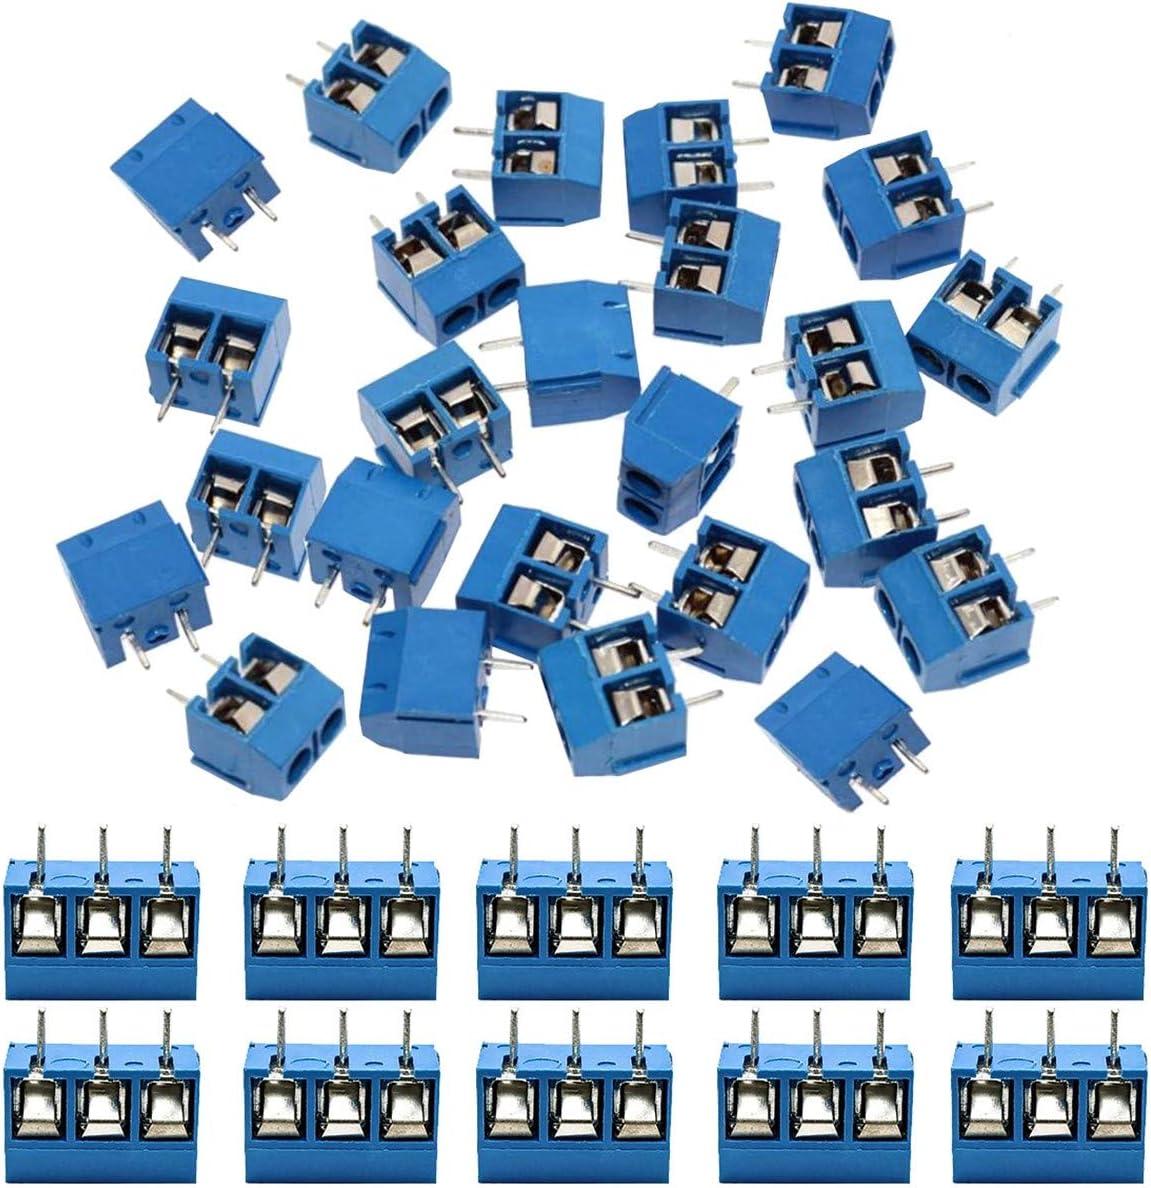 IZOKEE 60 Piezas 5mm 2 Pines/3 Pines PCB Bloque de Terminal de Tornillo de MontajeAzul para Arduino (2PIN-50 Piezas, 3PIN-10 Piezas)